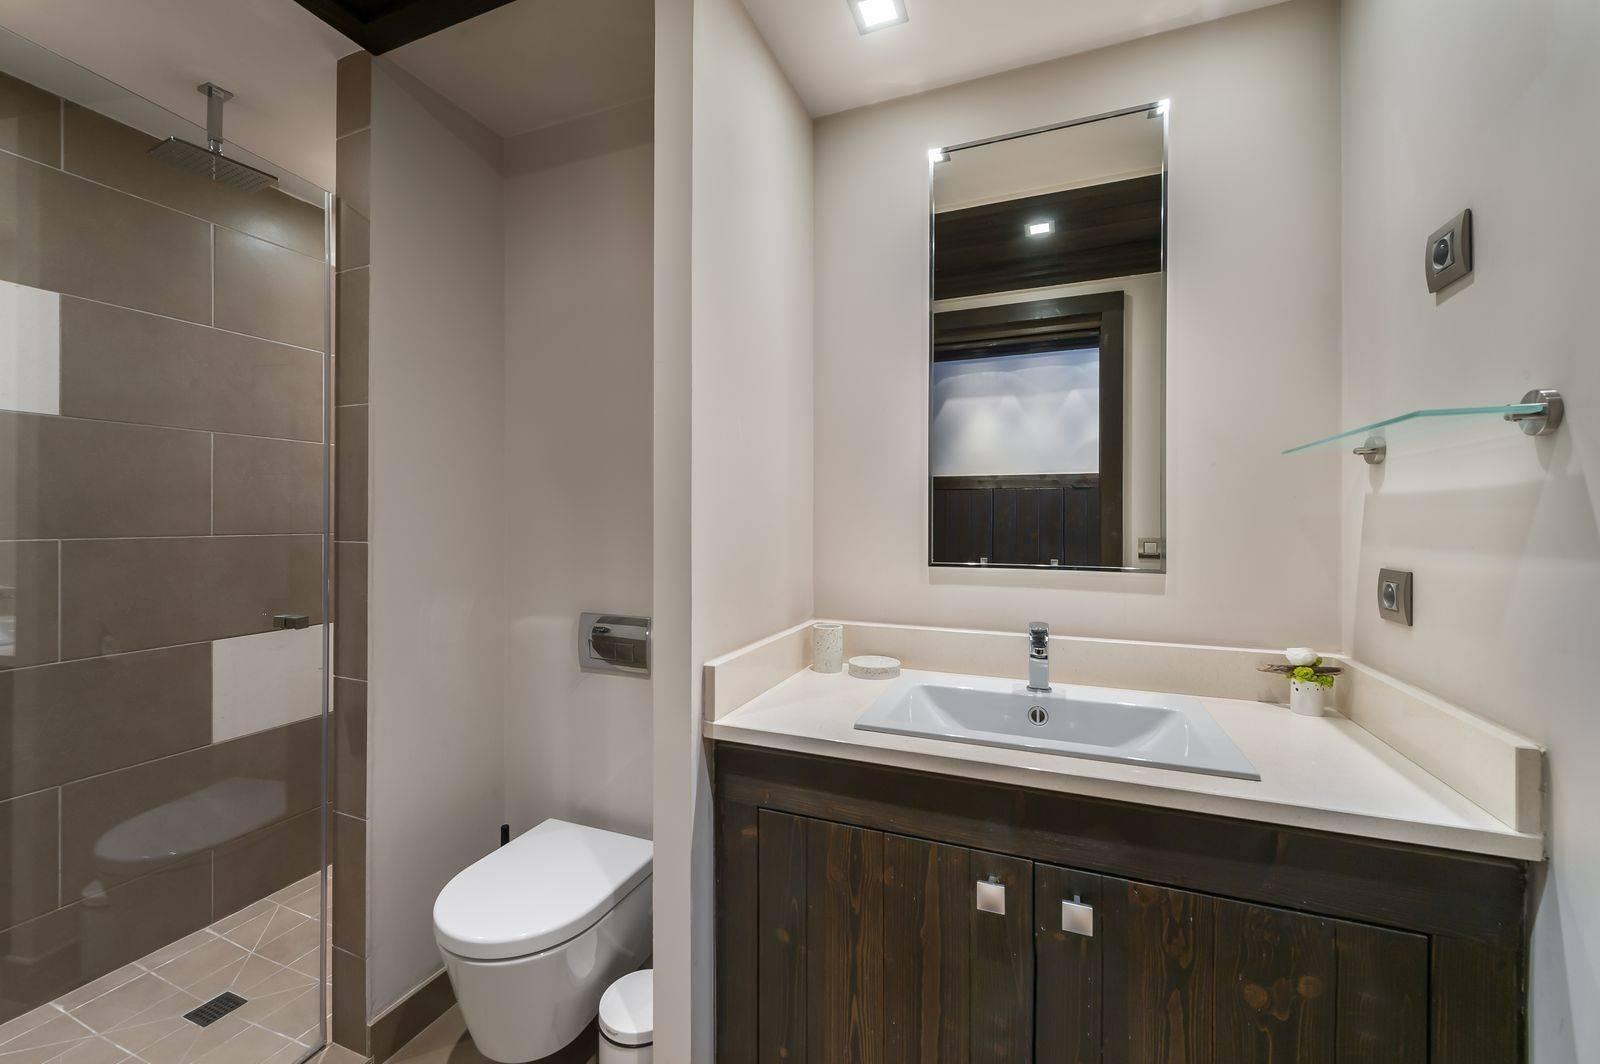 Courchevel 1650 Luxury Rental Appartment Neroflier Bathroom